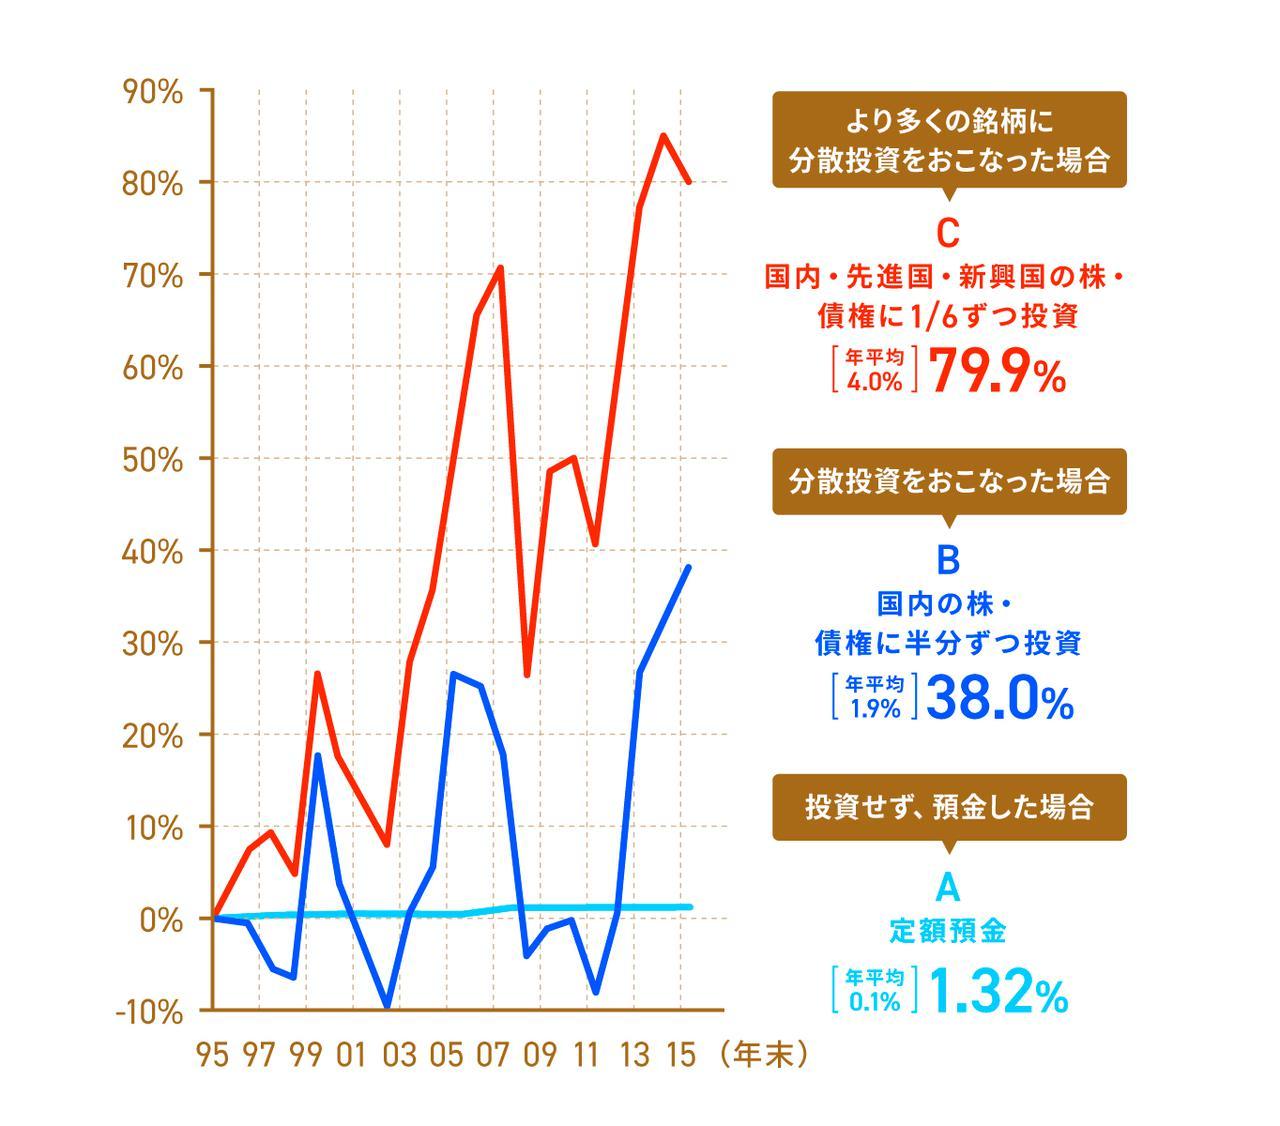 画像: 金融審議会 市場ワーキング・グループ報告書「高齢社会における資産形成・管理」 6) を基に作成 ※累積リターンとは、投資信託の一定期間の収益率(リターン)を示したものです。累積リターン79.9%とは、初年度に100万円投資していたとして、最後の年には179.9万円になったということになります。